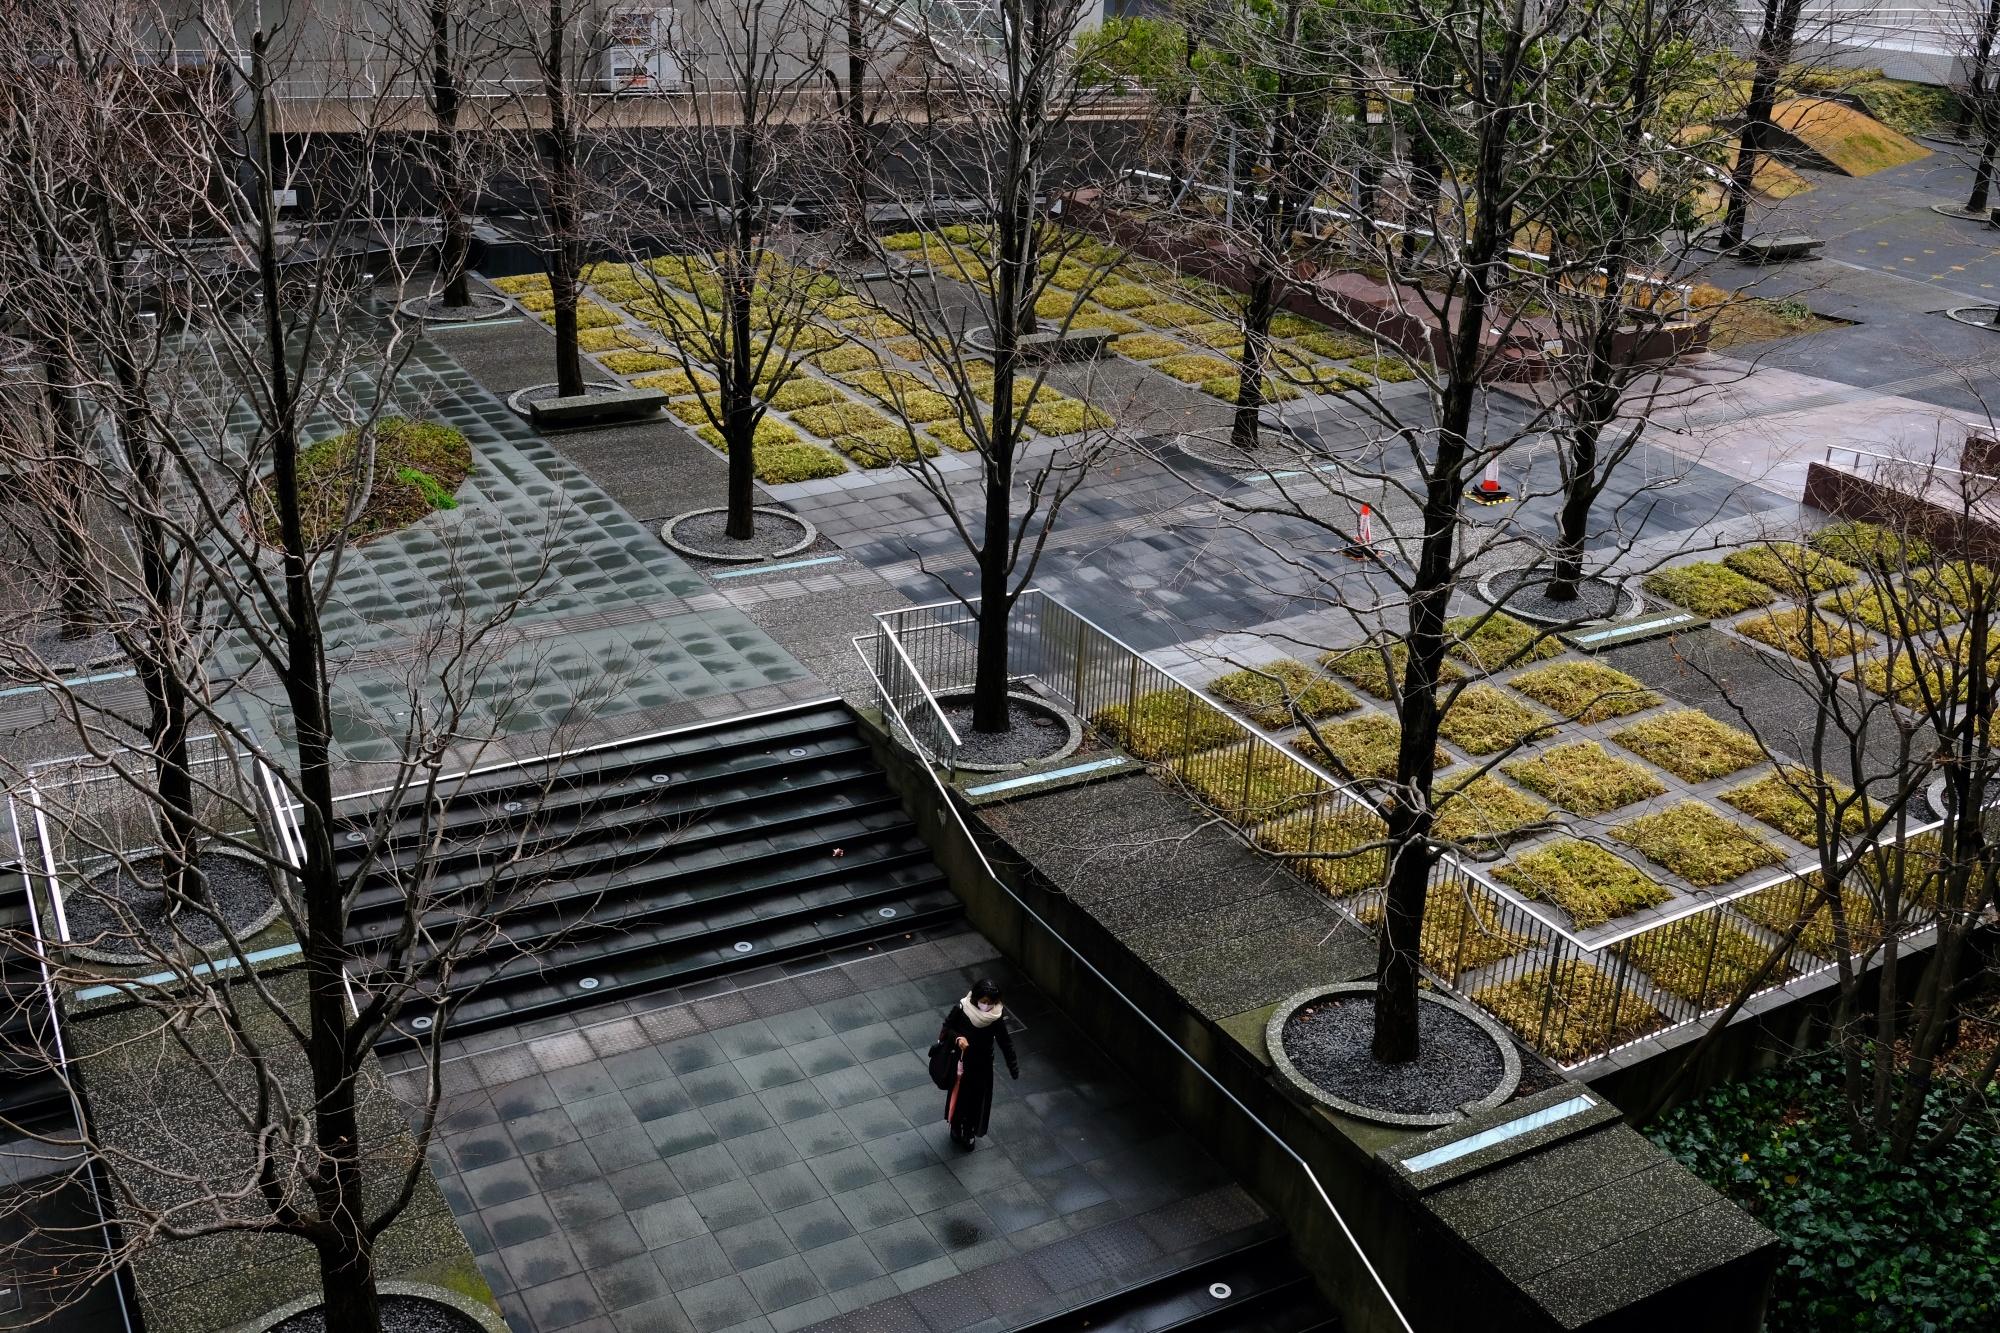 Le Japon assiste à l'extension de Covid Emergency en tant que pulvérisateur économique